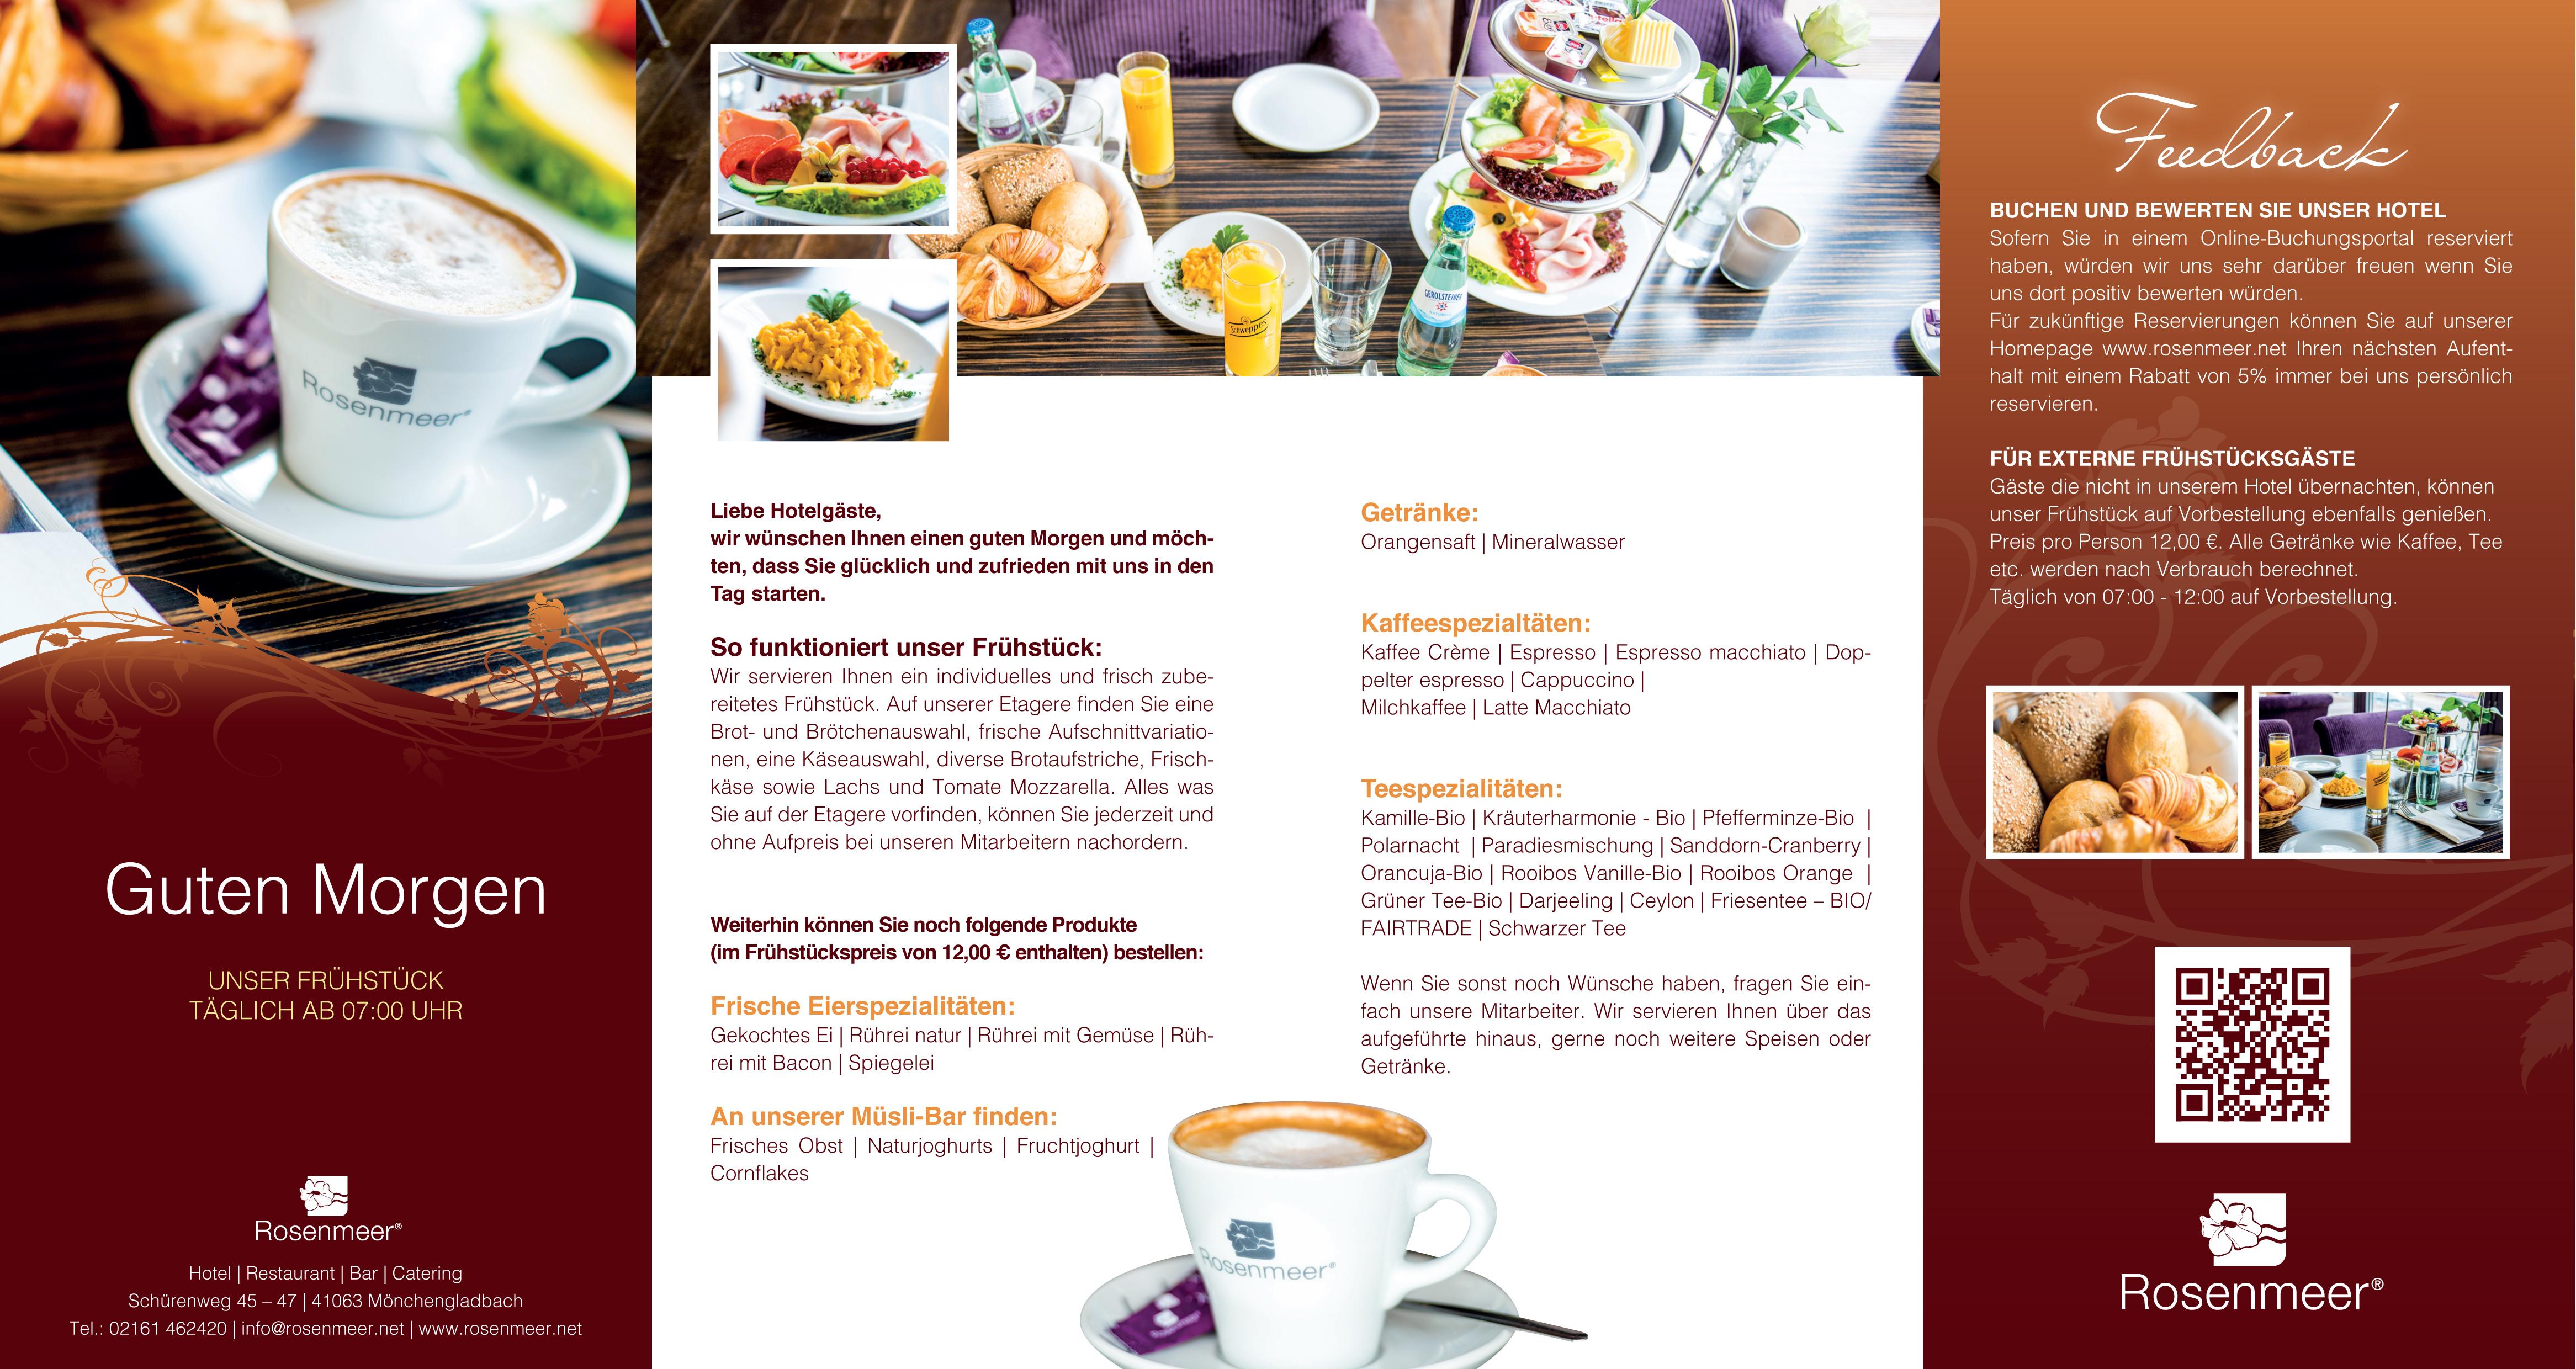 Frühstücken im Rosenmeer - Rosenmeer